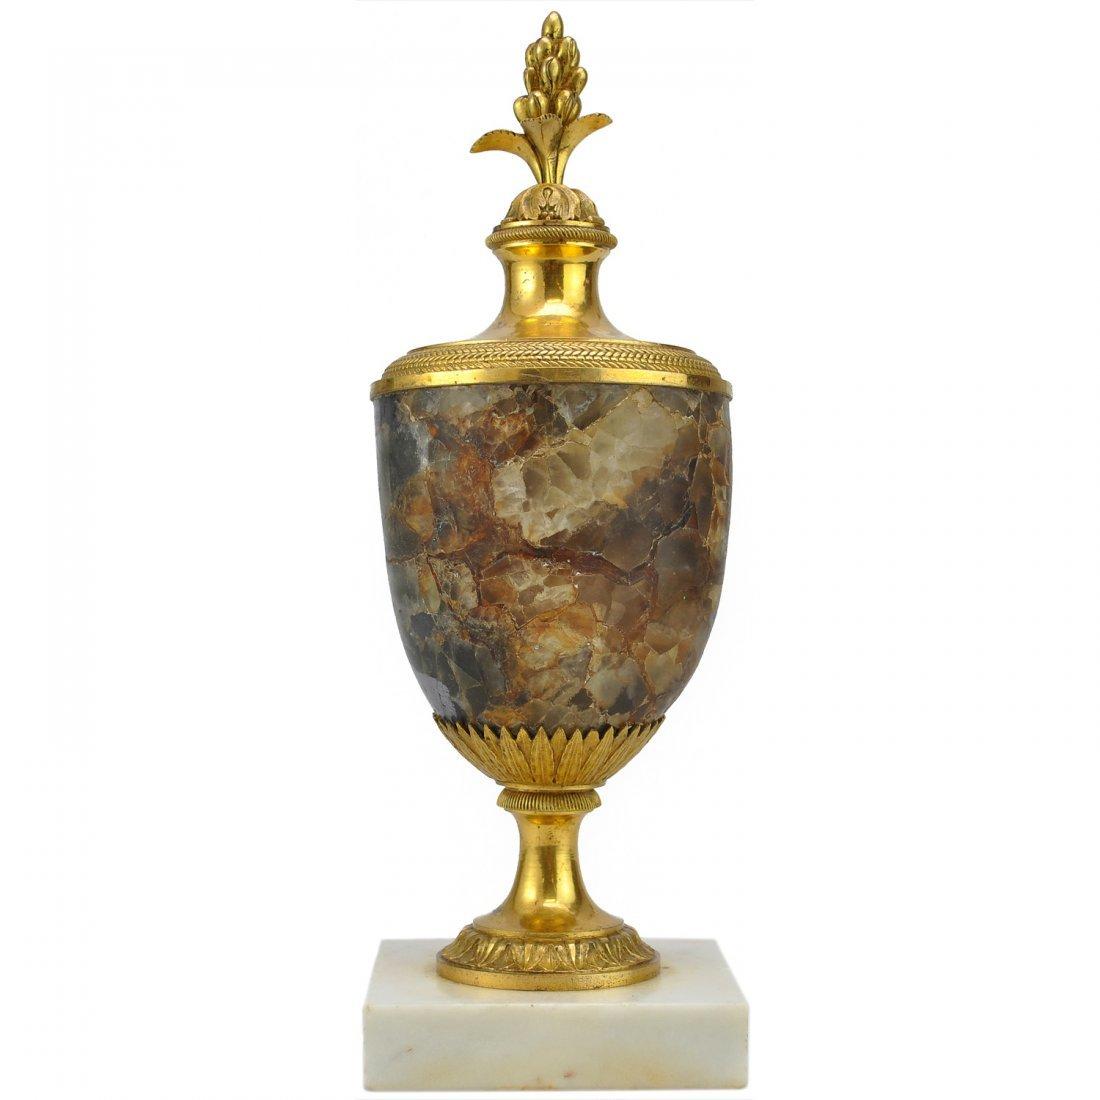 14: BORDSDEKORATION, empire, förgylld mässing/marmor